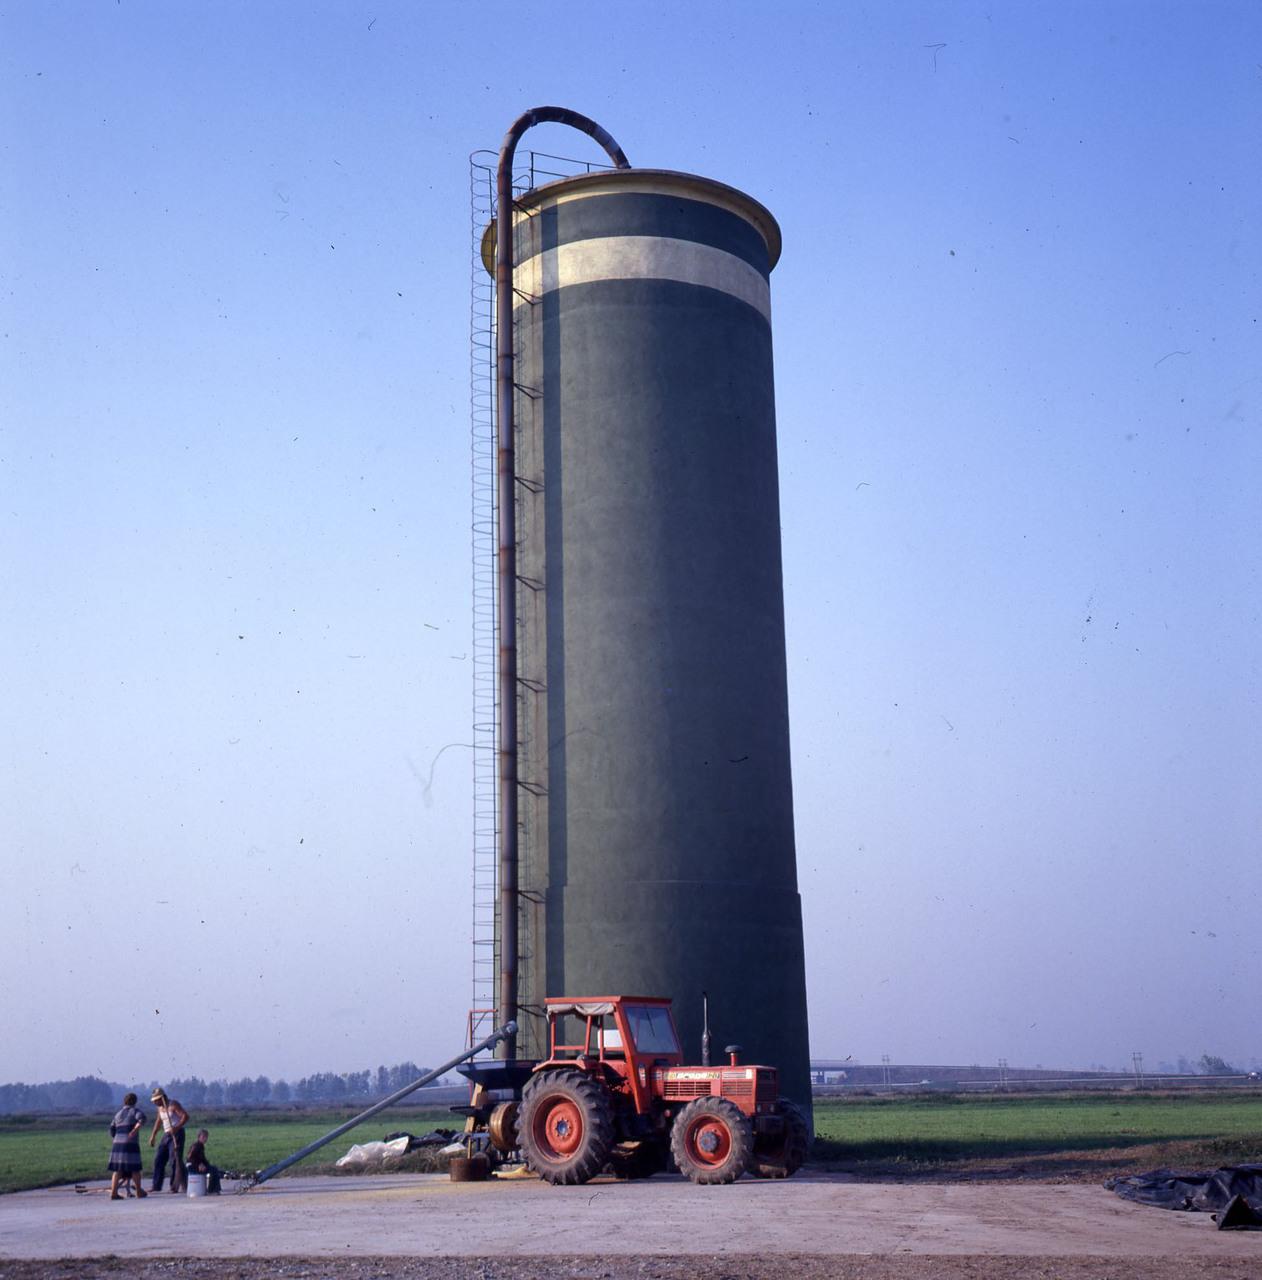 [SAME] trattore Drago 120 davanti a un silos